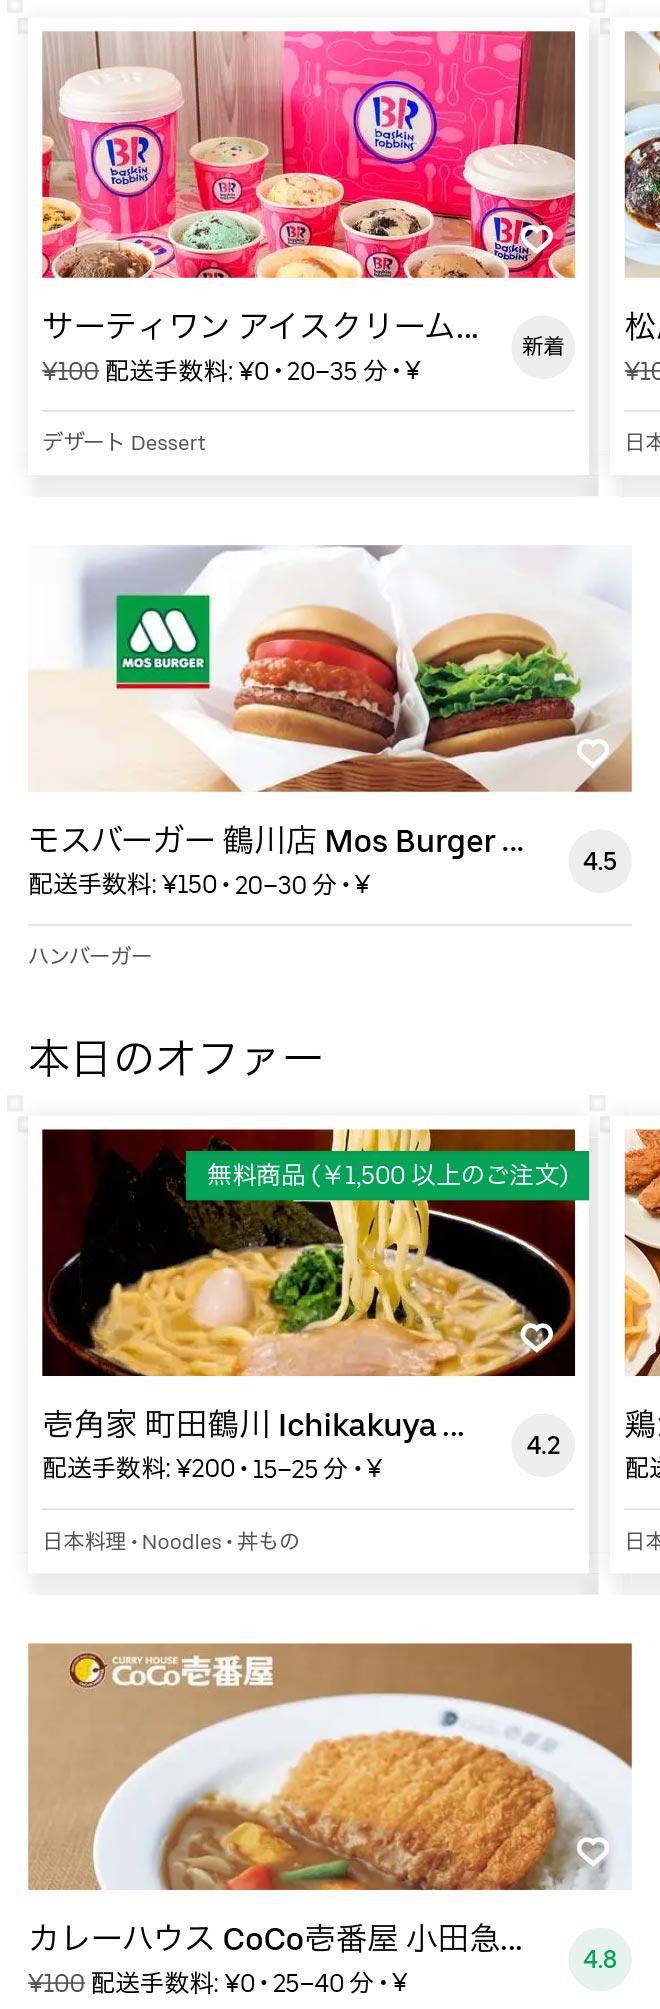 Tsurukawa menu 2010 03